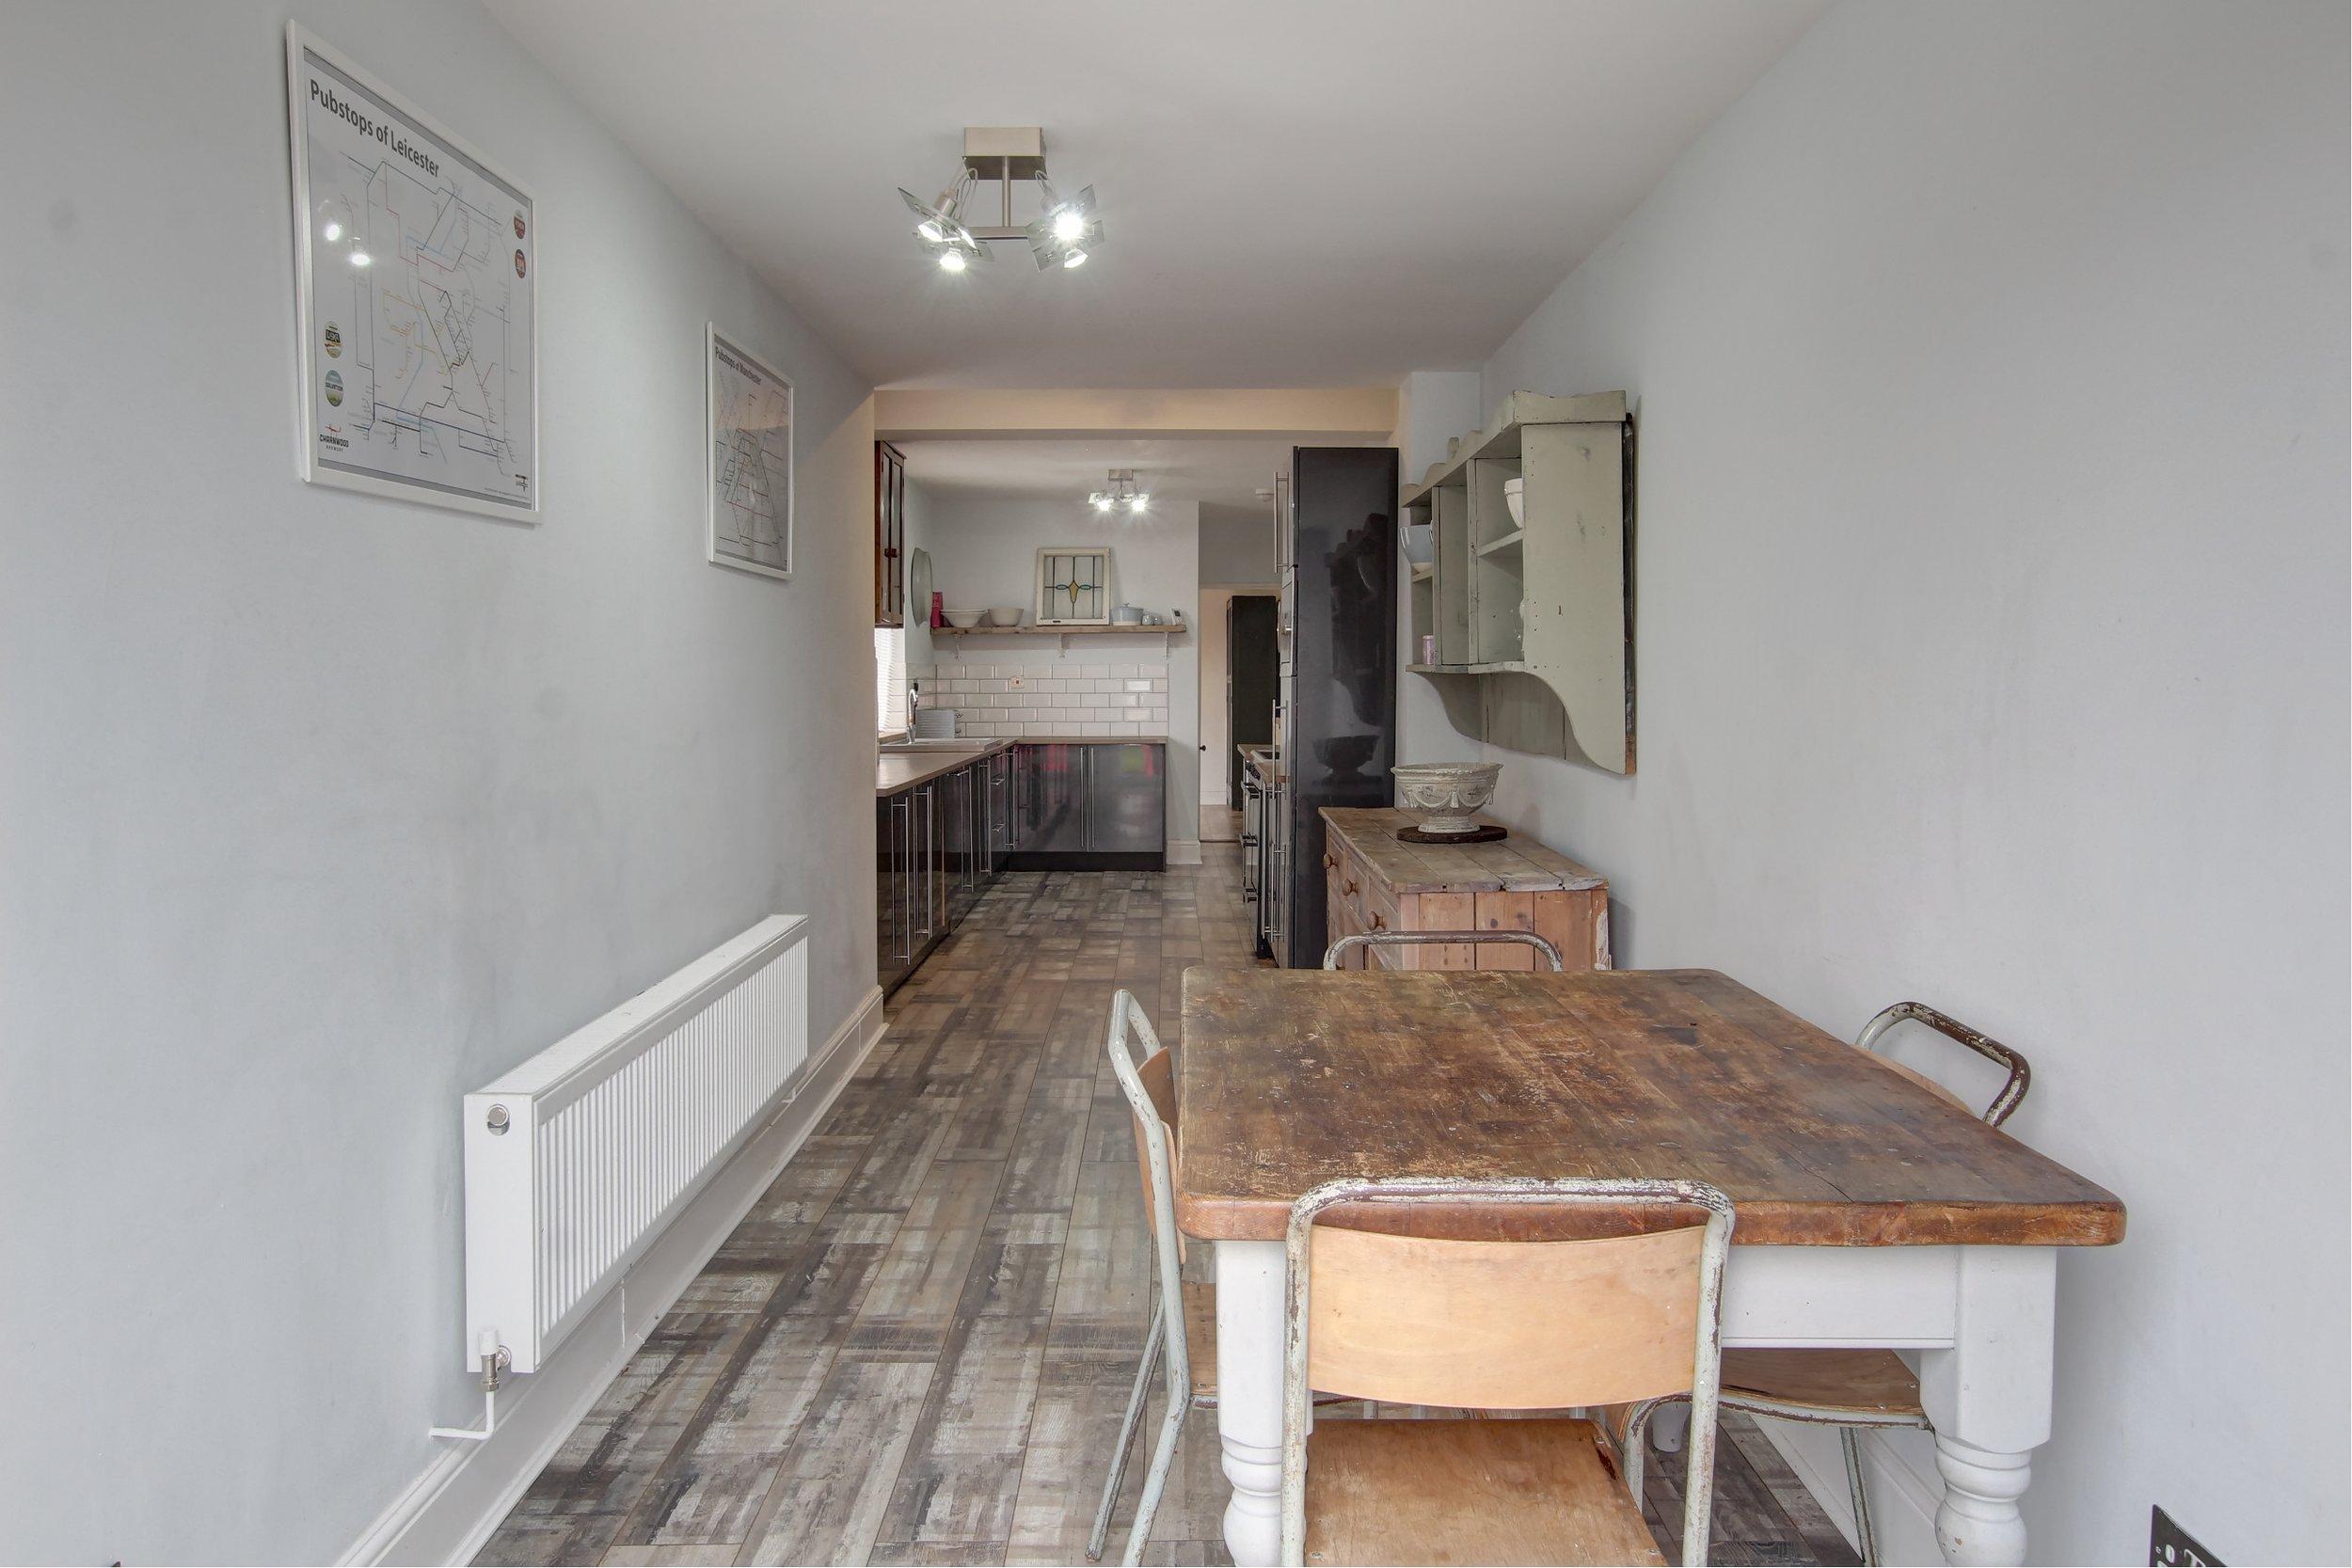 14 dining kitchen.jpg